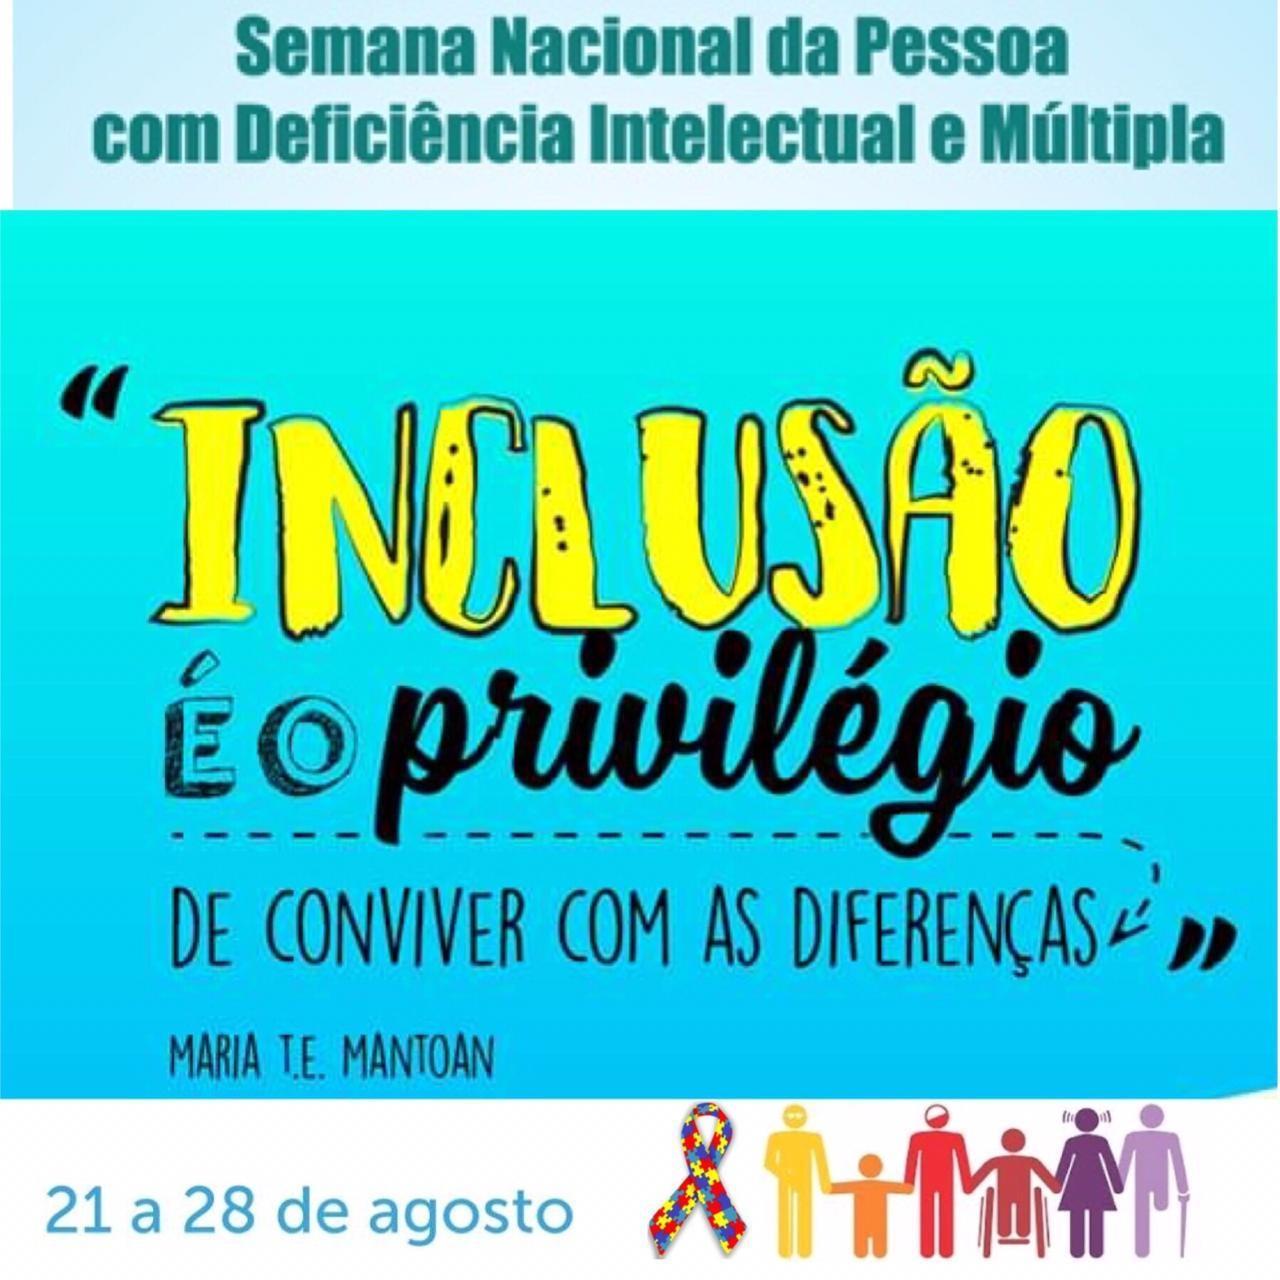 Começa hoje a Semana Nacional da Pessoa com Deficiência Intelectual e Múltipla .